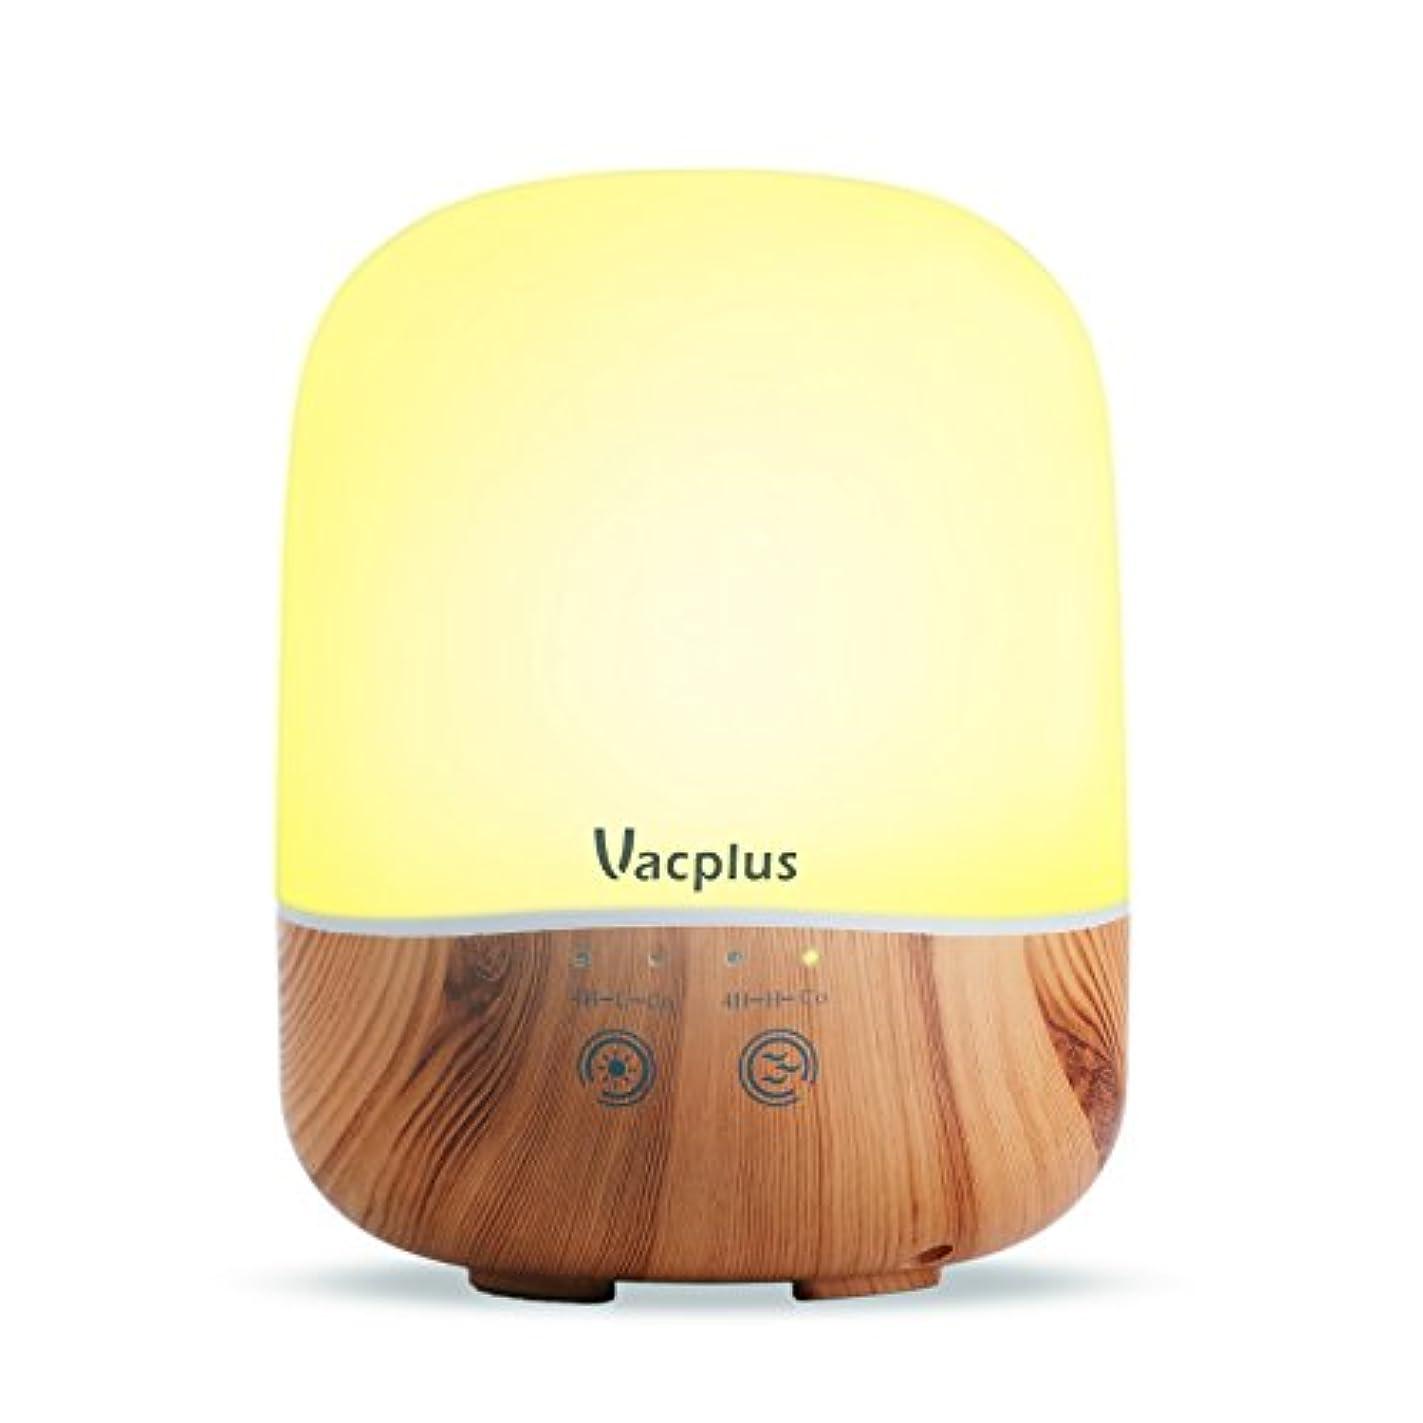 ピカリング上記の頭と肩混雑アロマディフューザー 加湿器 令和革新版 300ml大容量 Vacplus 超音波式 卓上加湿器 七色変換LEDライト 空焚き防止機能(木目調) 乾燥対策 LEDライト付き 七色変換